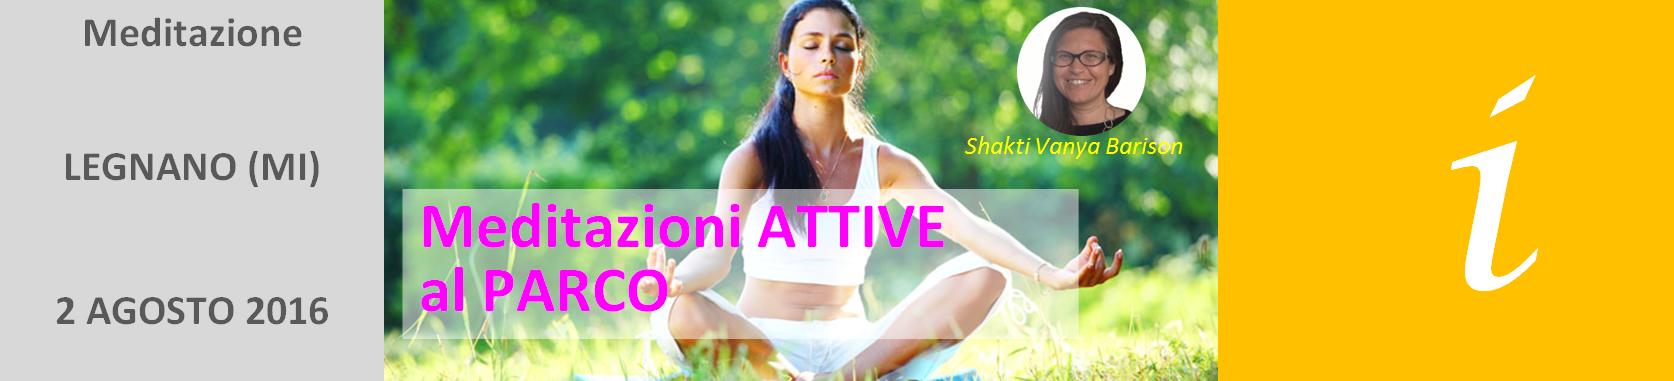 banner-meditazioni-attive-al-parco-legnano-2